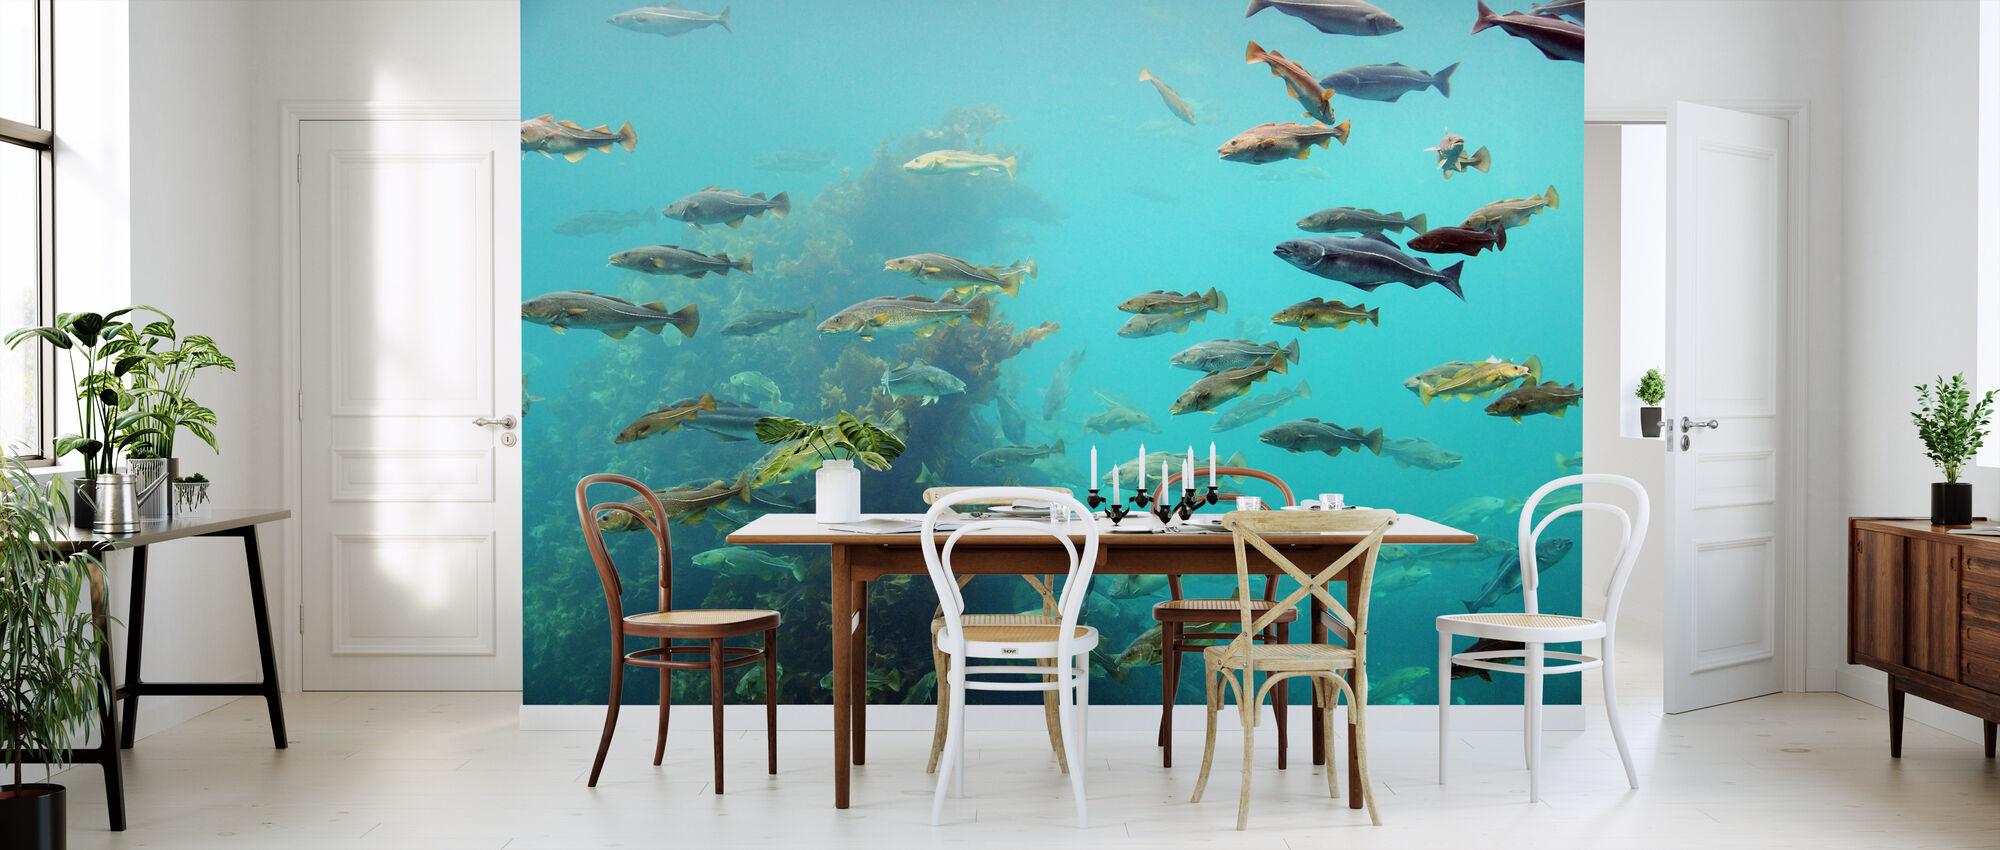 Circling Fish - Wallpaper - Kitchen